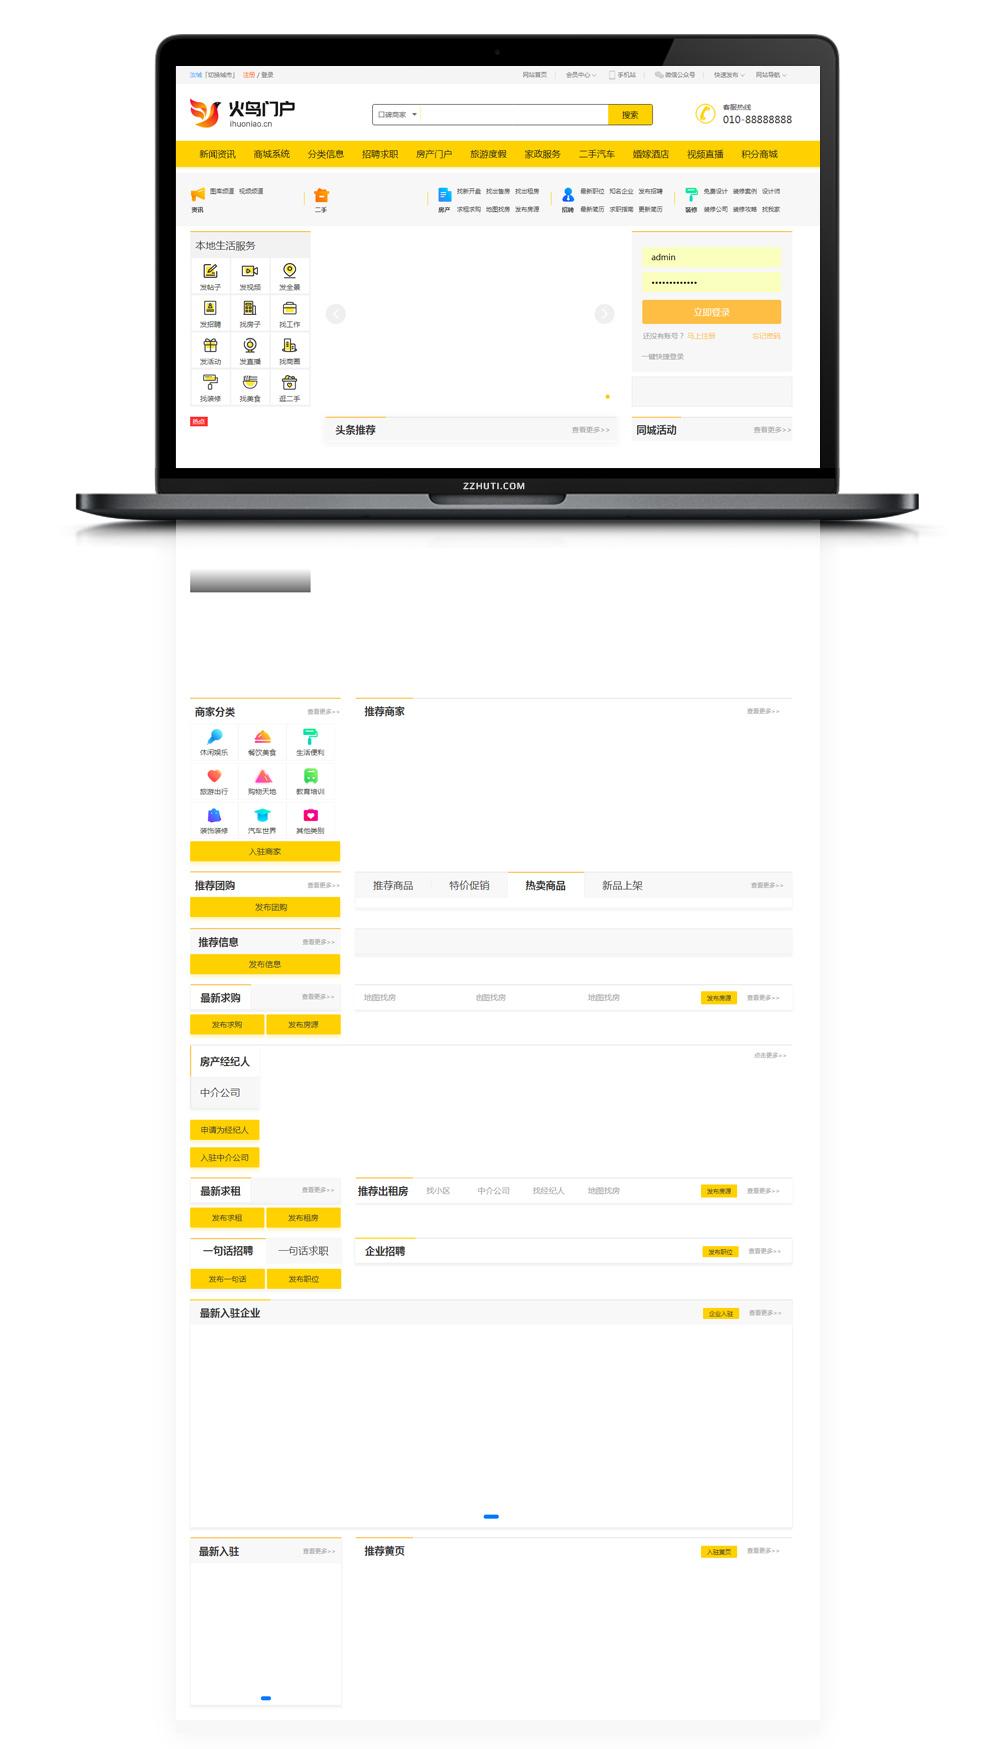 【火鸟门户系统V4.70】2020完整版火鸟系统全功能版五端同步详细的安卓苹果双端与小程序[带安装教程]-酷网站源码